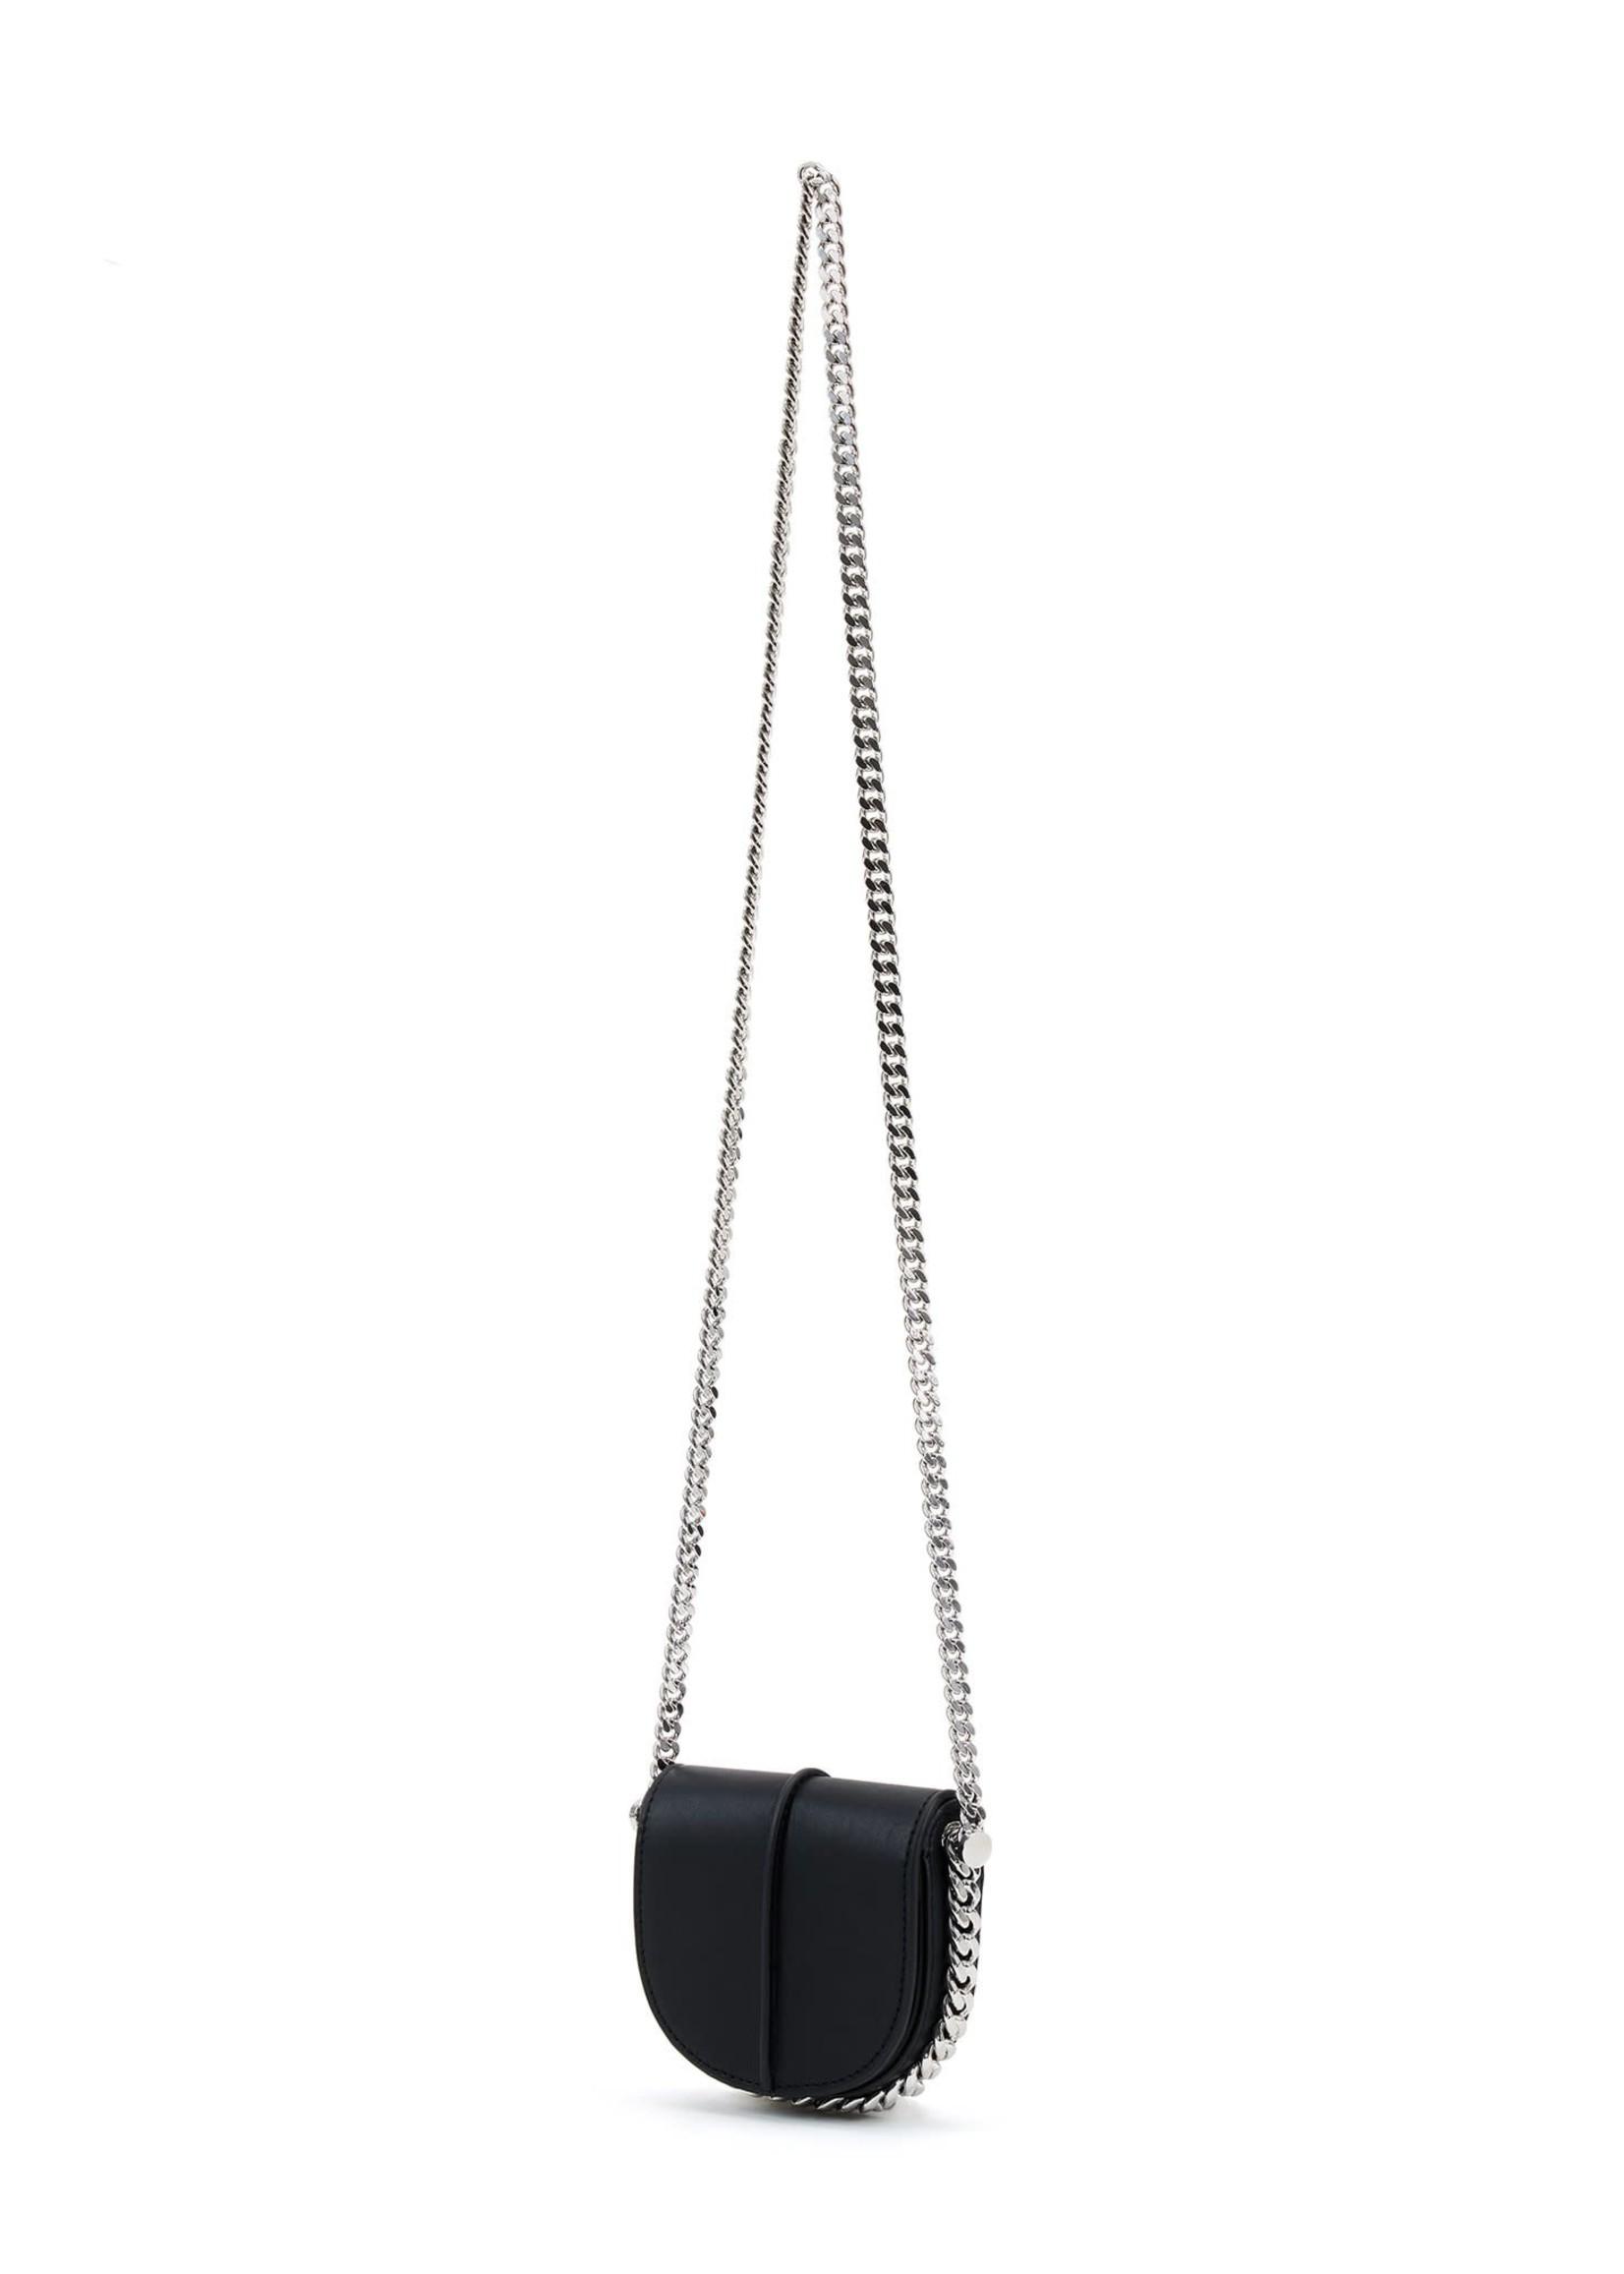 KARA Infinity Case Mini Bag in Black